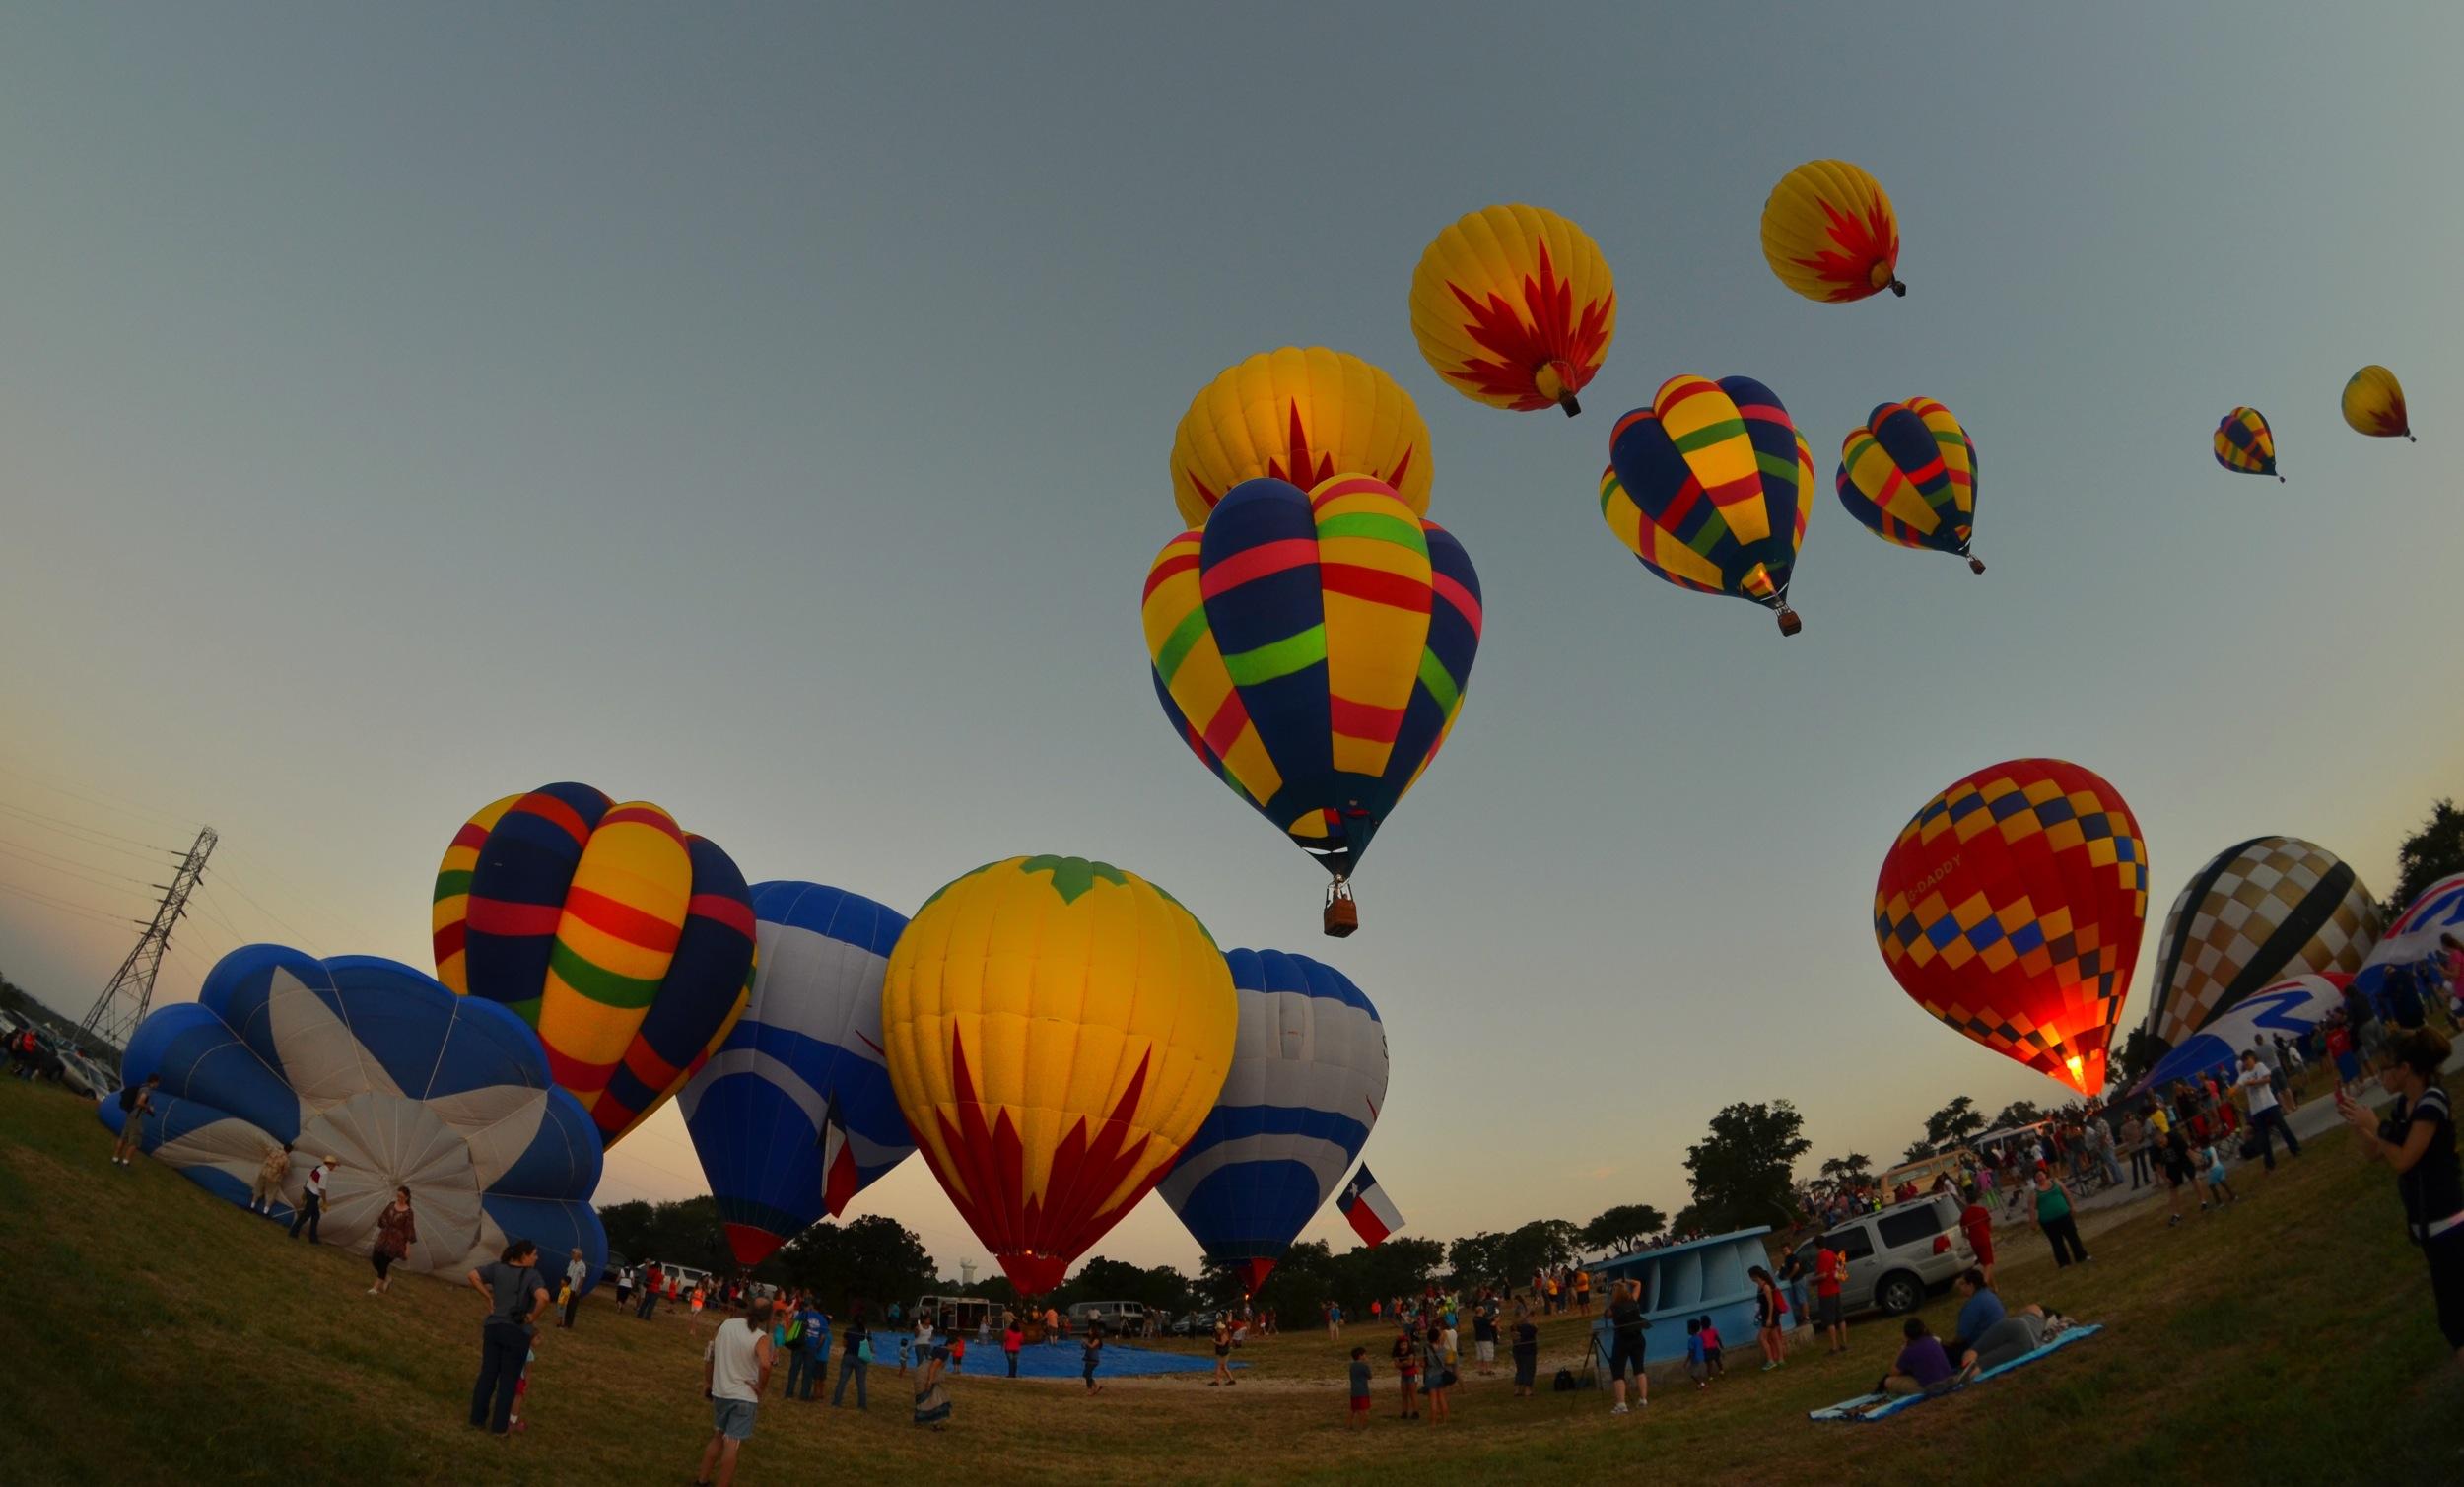 Dawn Departures - Hot Air Balloons in Austin, Texas